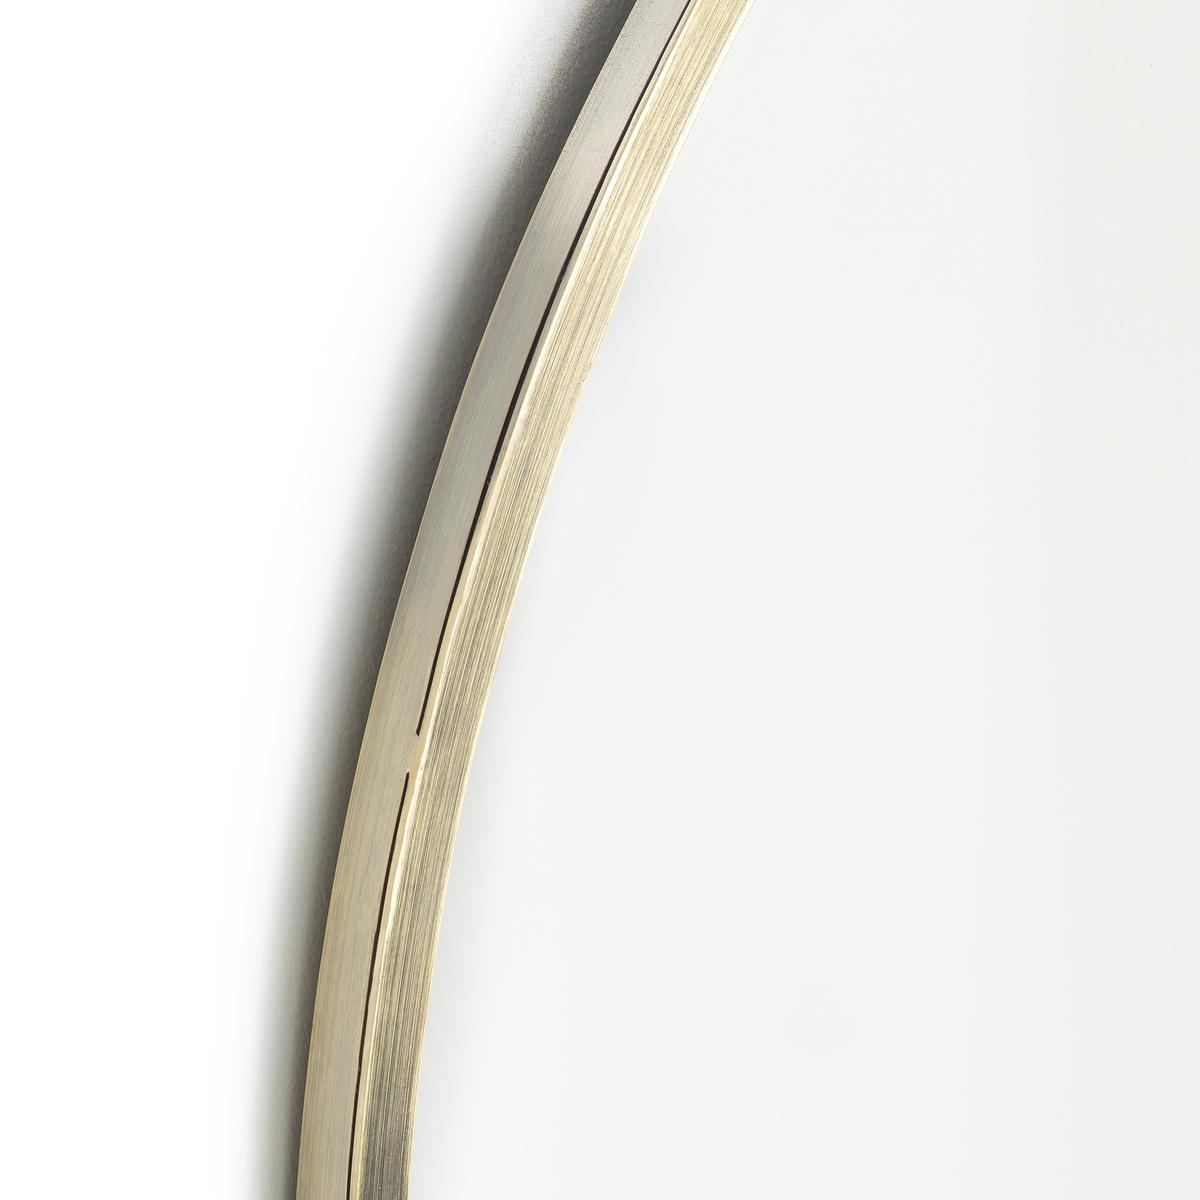 Зеркало, золотистый металл, ?80 см, CaligoneЗеркало Caligone. Зеркало большого диаметра с отделкой из состаренной латуни. Металлический каркас с отделкой из состаренной латуни. 2 крючка для крепления на стену (болты и дюбели в комплект не входят). Размеры : ?80 см.<br><br>Цвет: золотистый